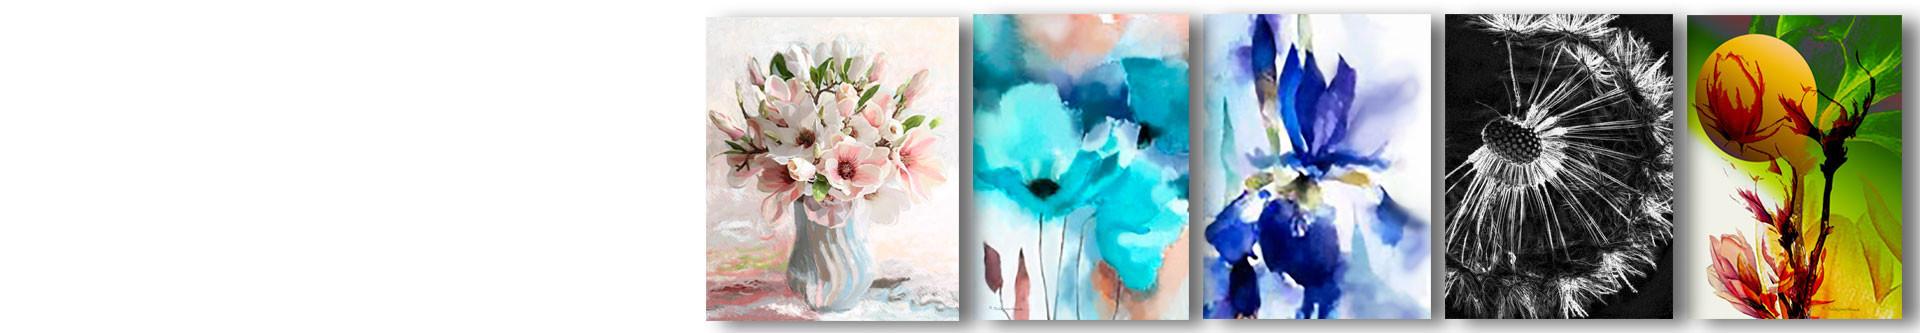 Obrazy kwiaty, grafiki i plakaty kwiaty na ścianę  • Grafiki Obrazy